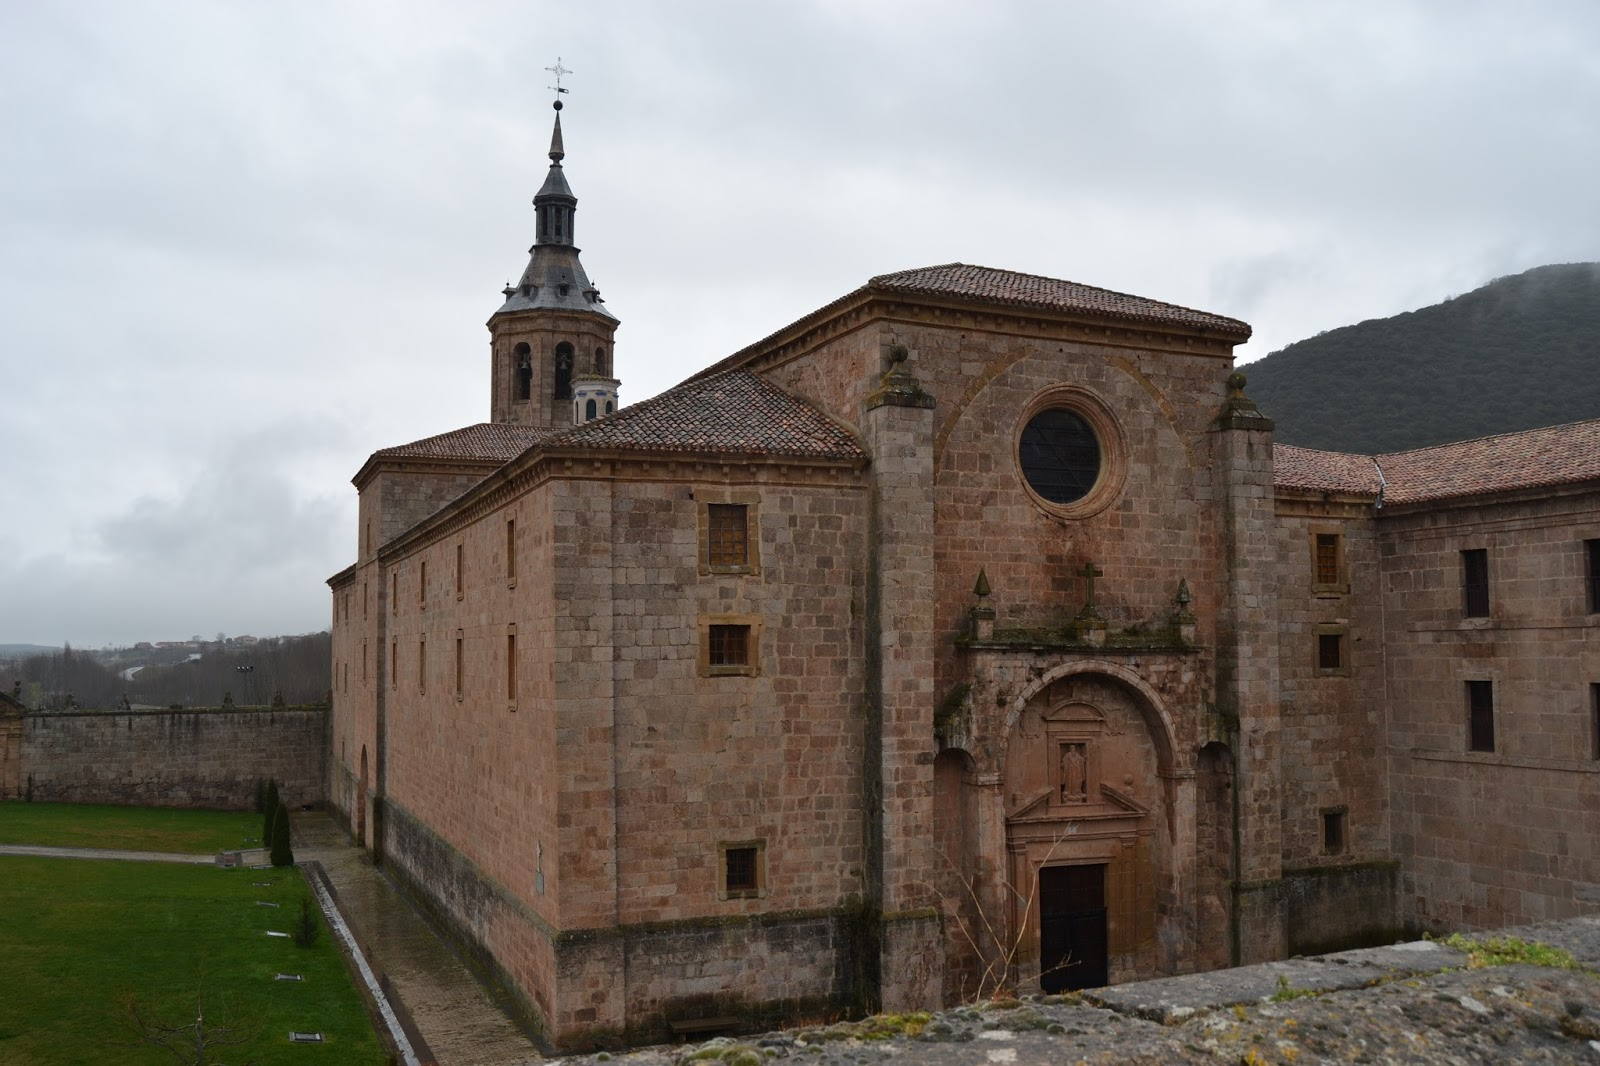 Monasterio de Yuso. Guía de viaje de La Rioja Alta. Tu Maleta.